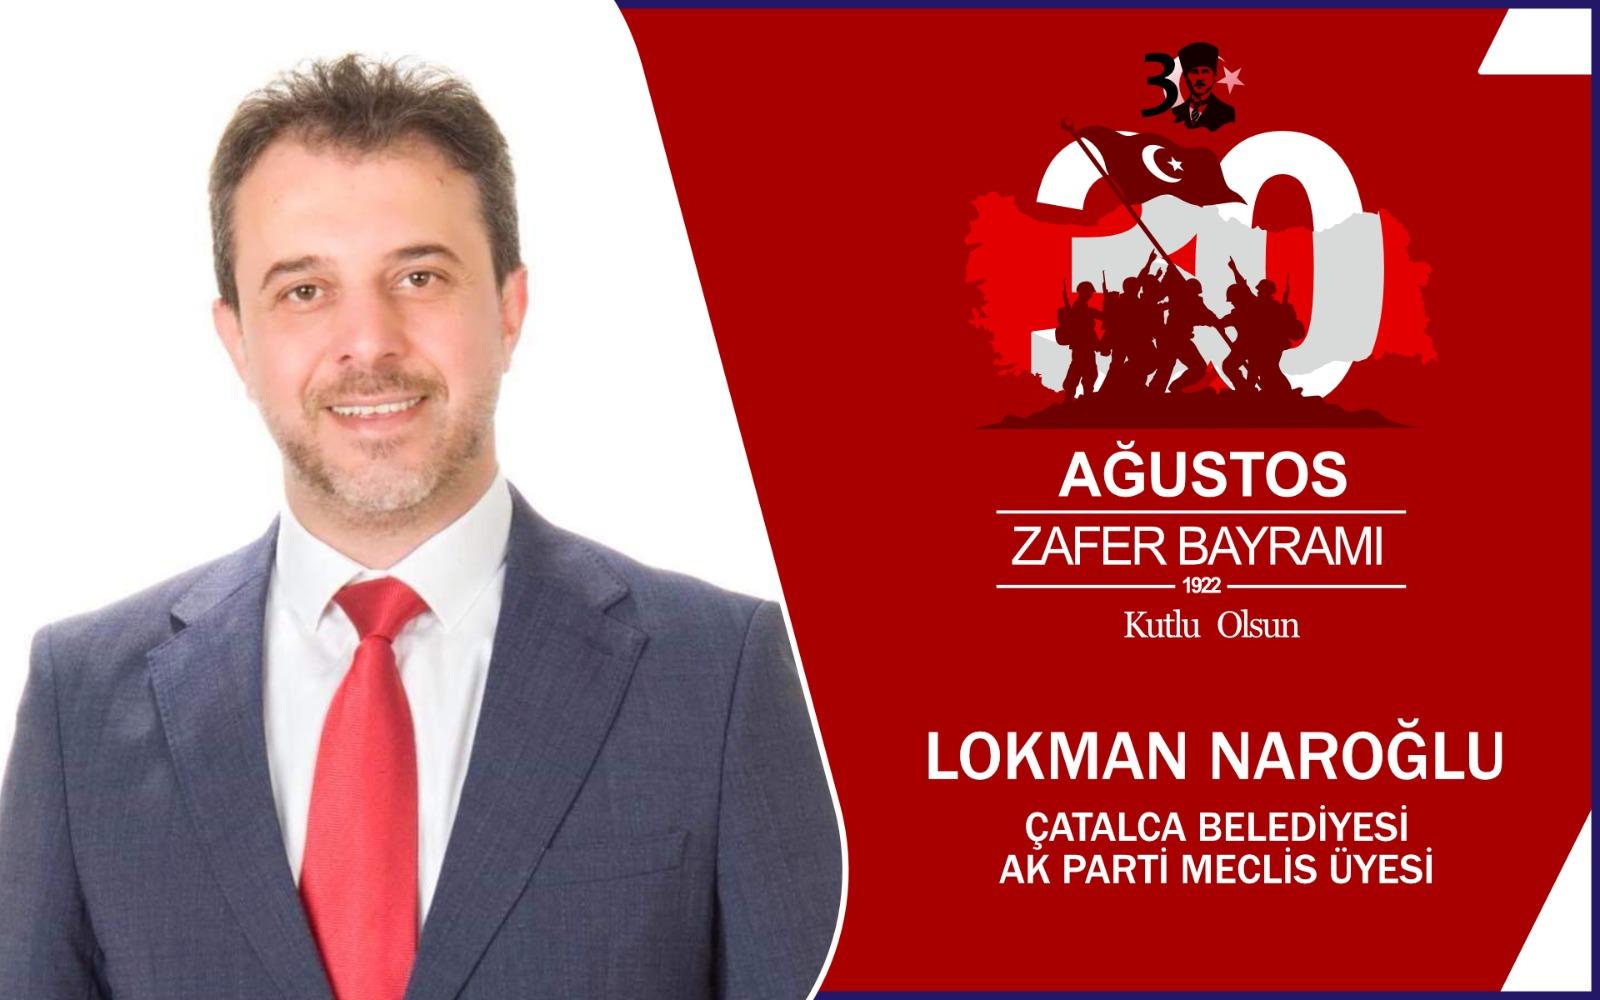 Lokman Naroğlun'dan Kutlama Mesajı